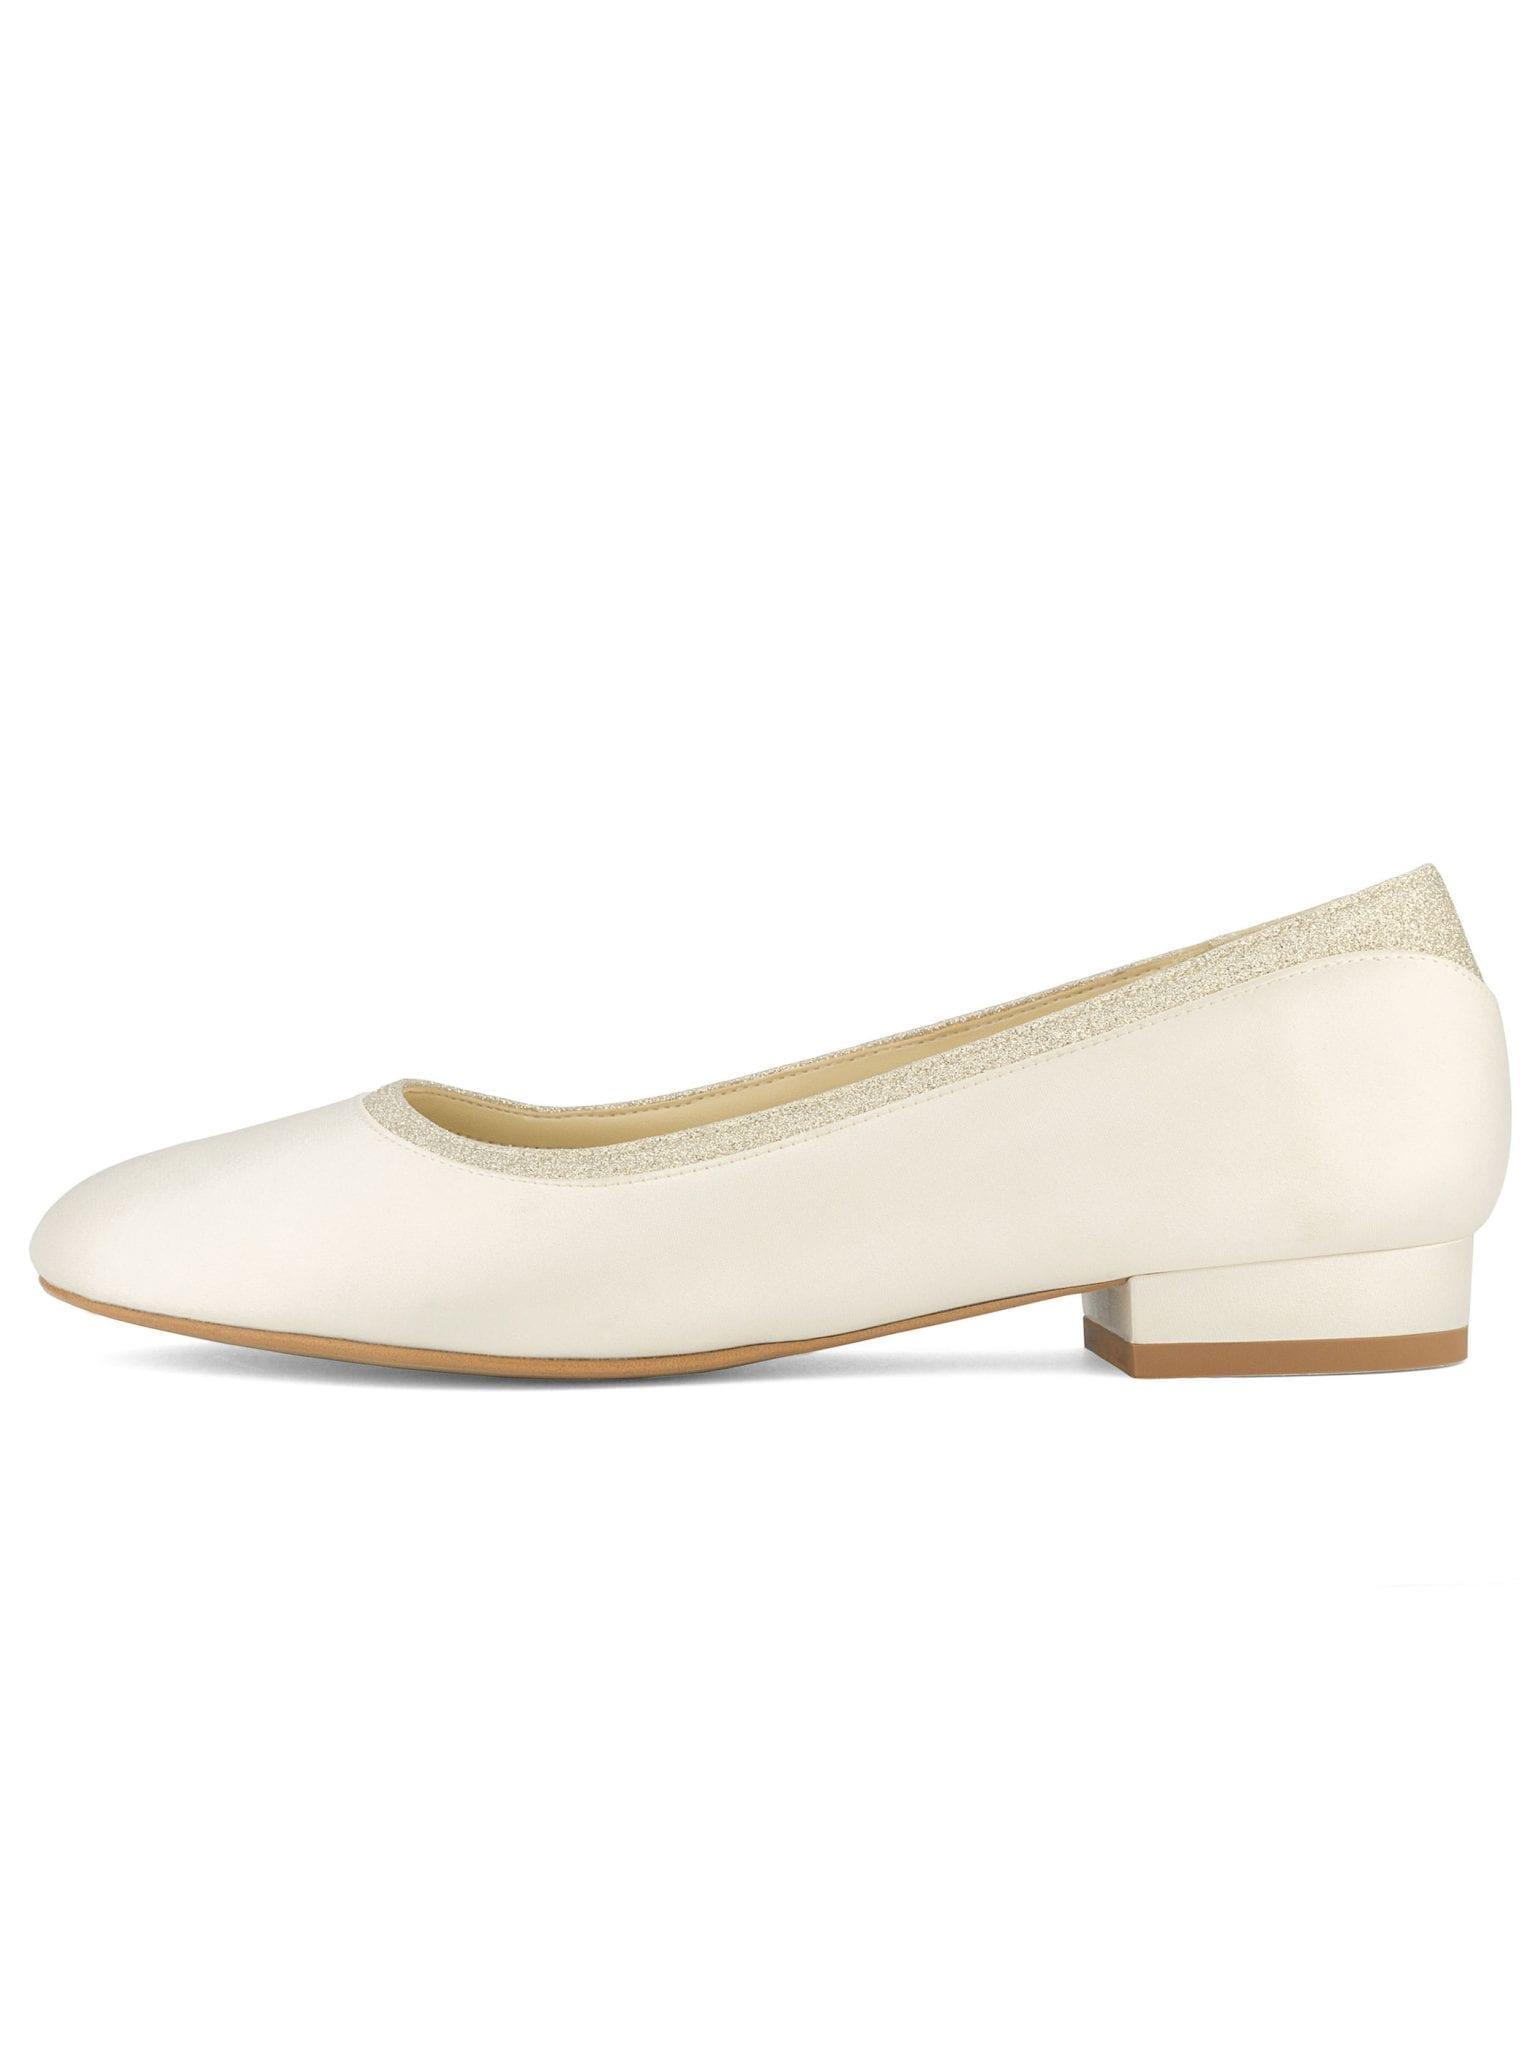 ROMY-AVALIA-bridal-shoes_(1)